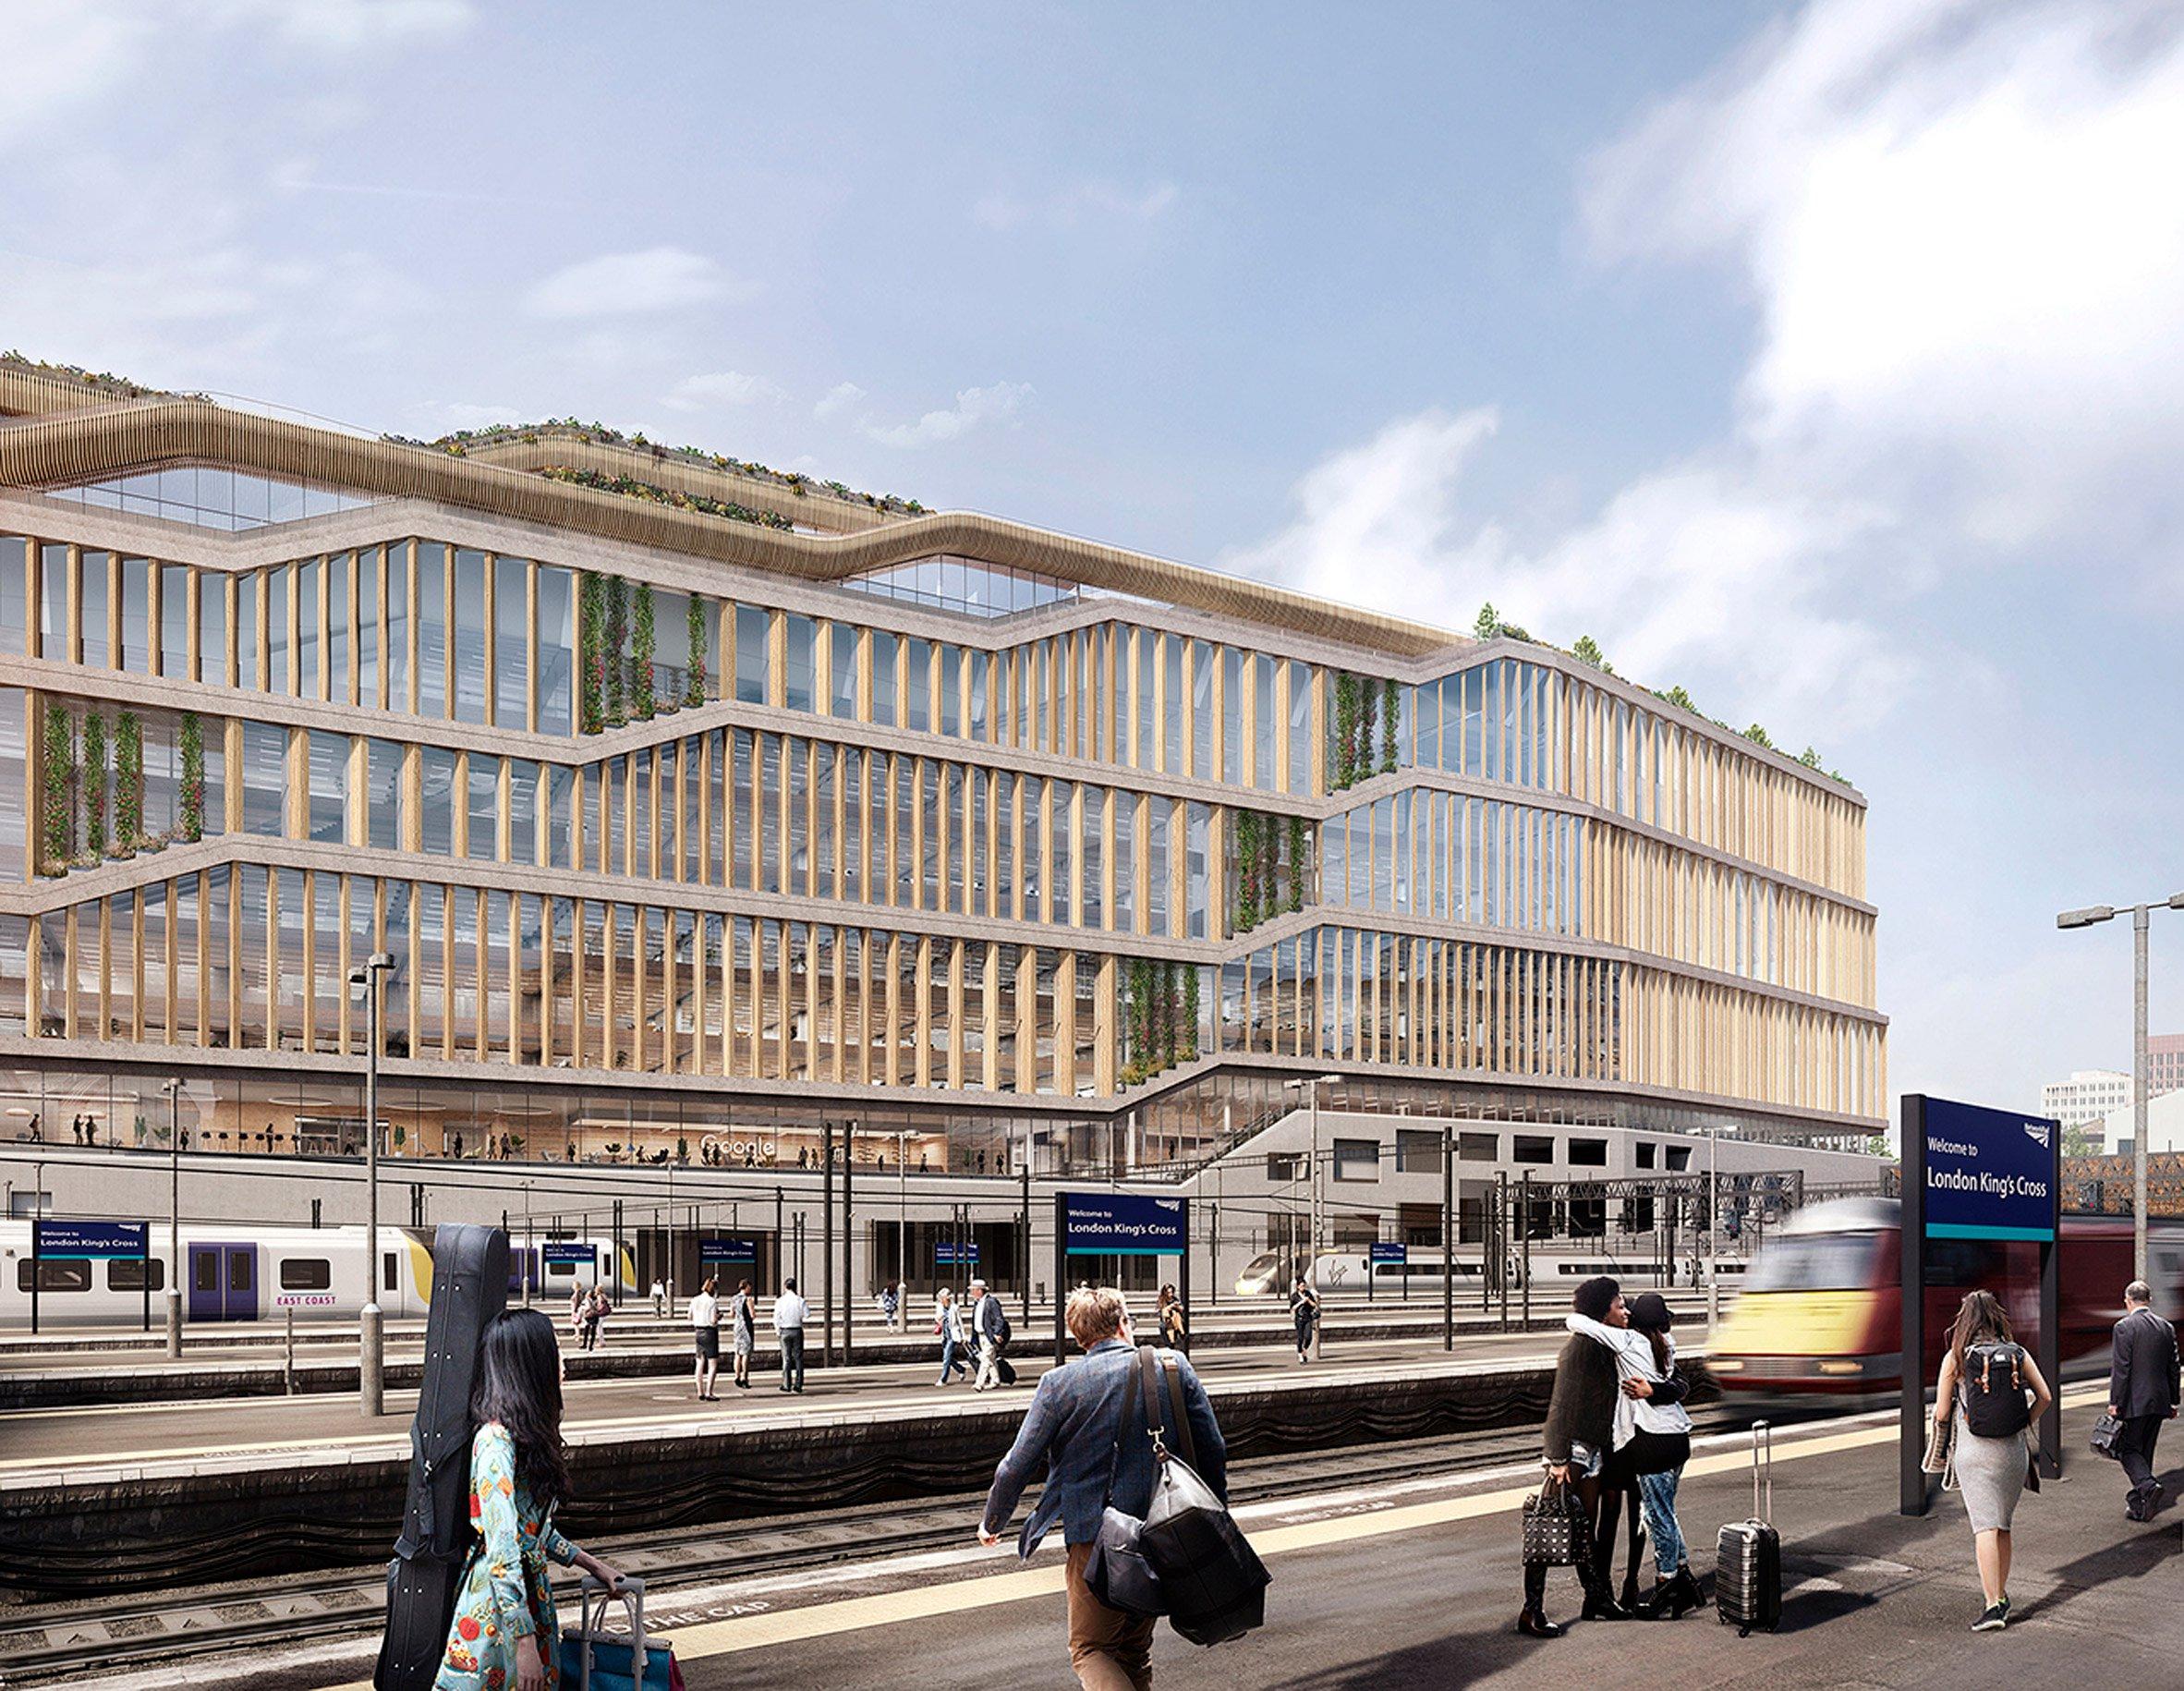 На данный момент персонал Google рассредоточен понескольким разным зданиям повсему Лондону, включаяплощадь привокзале Кингс Кросс